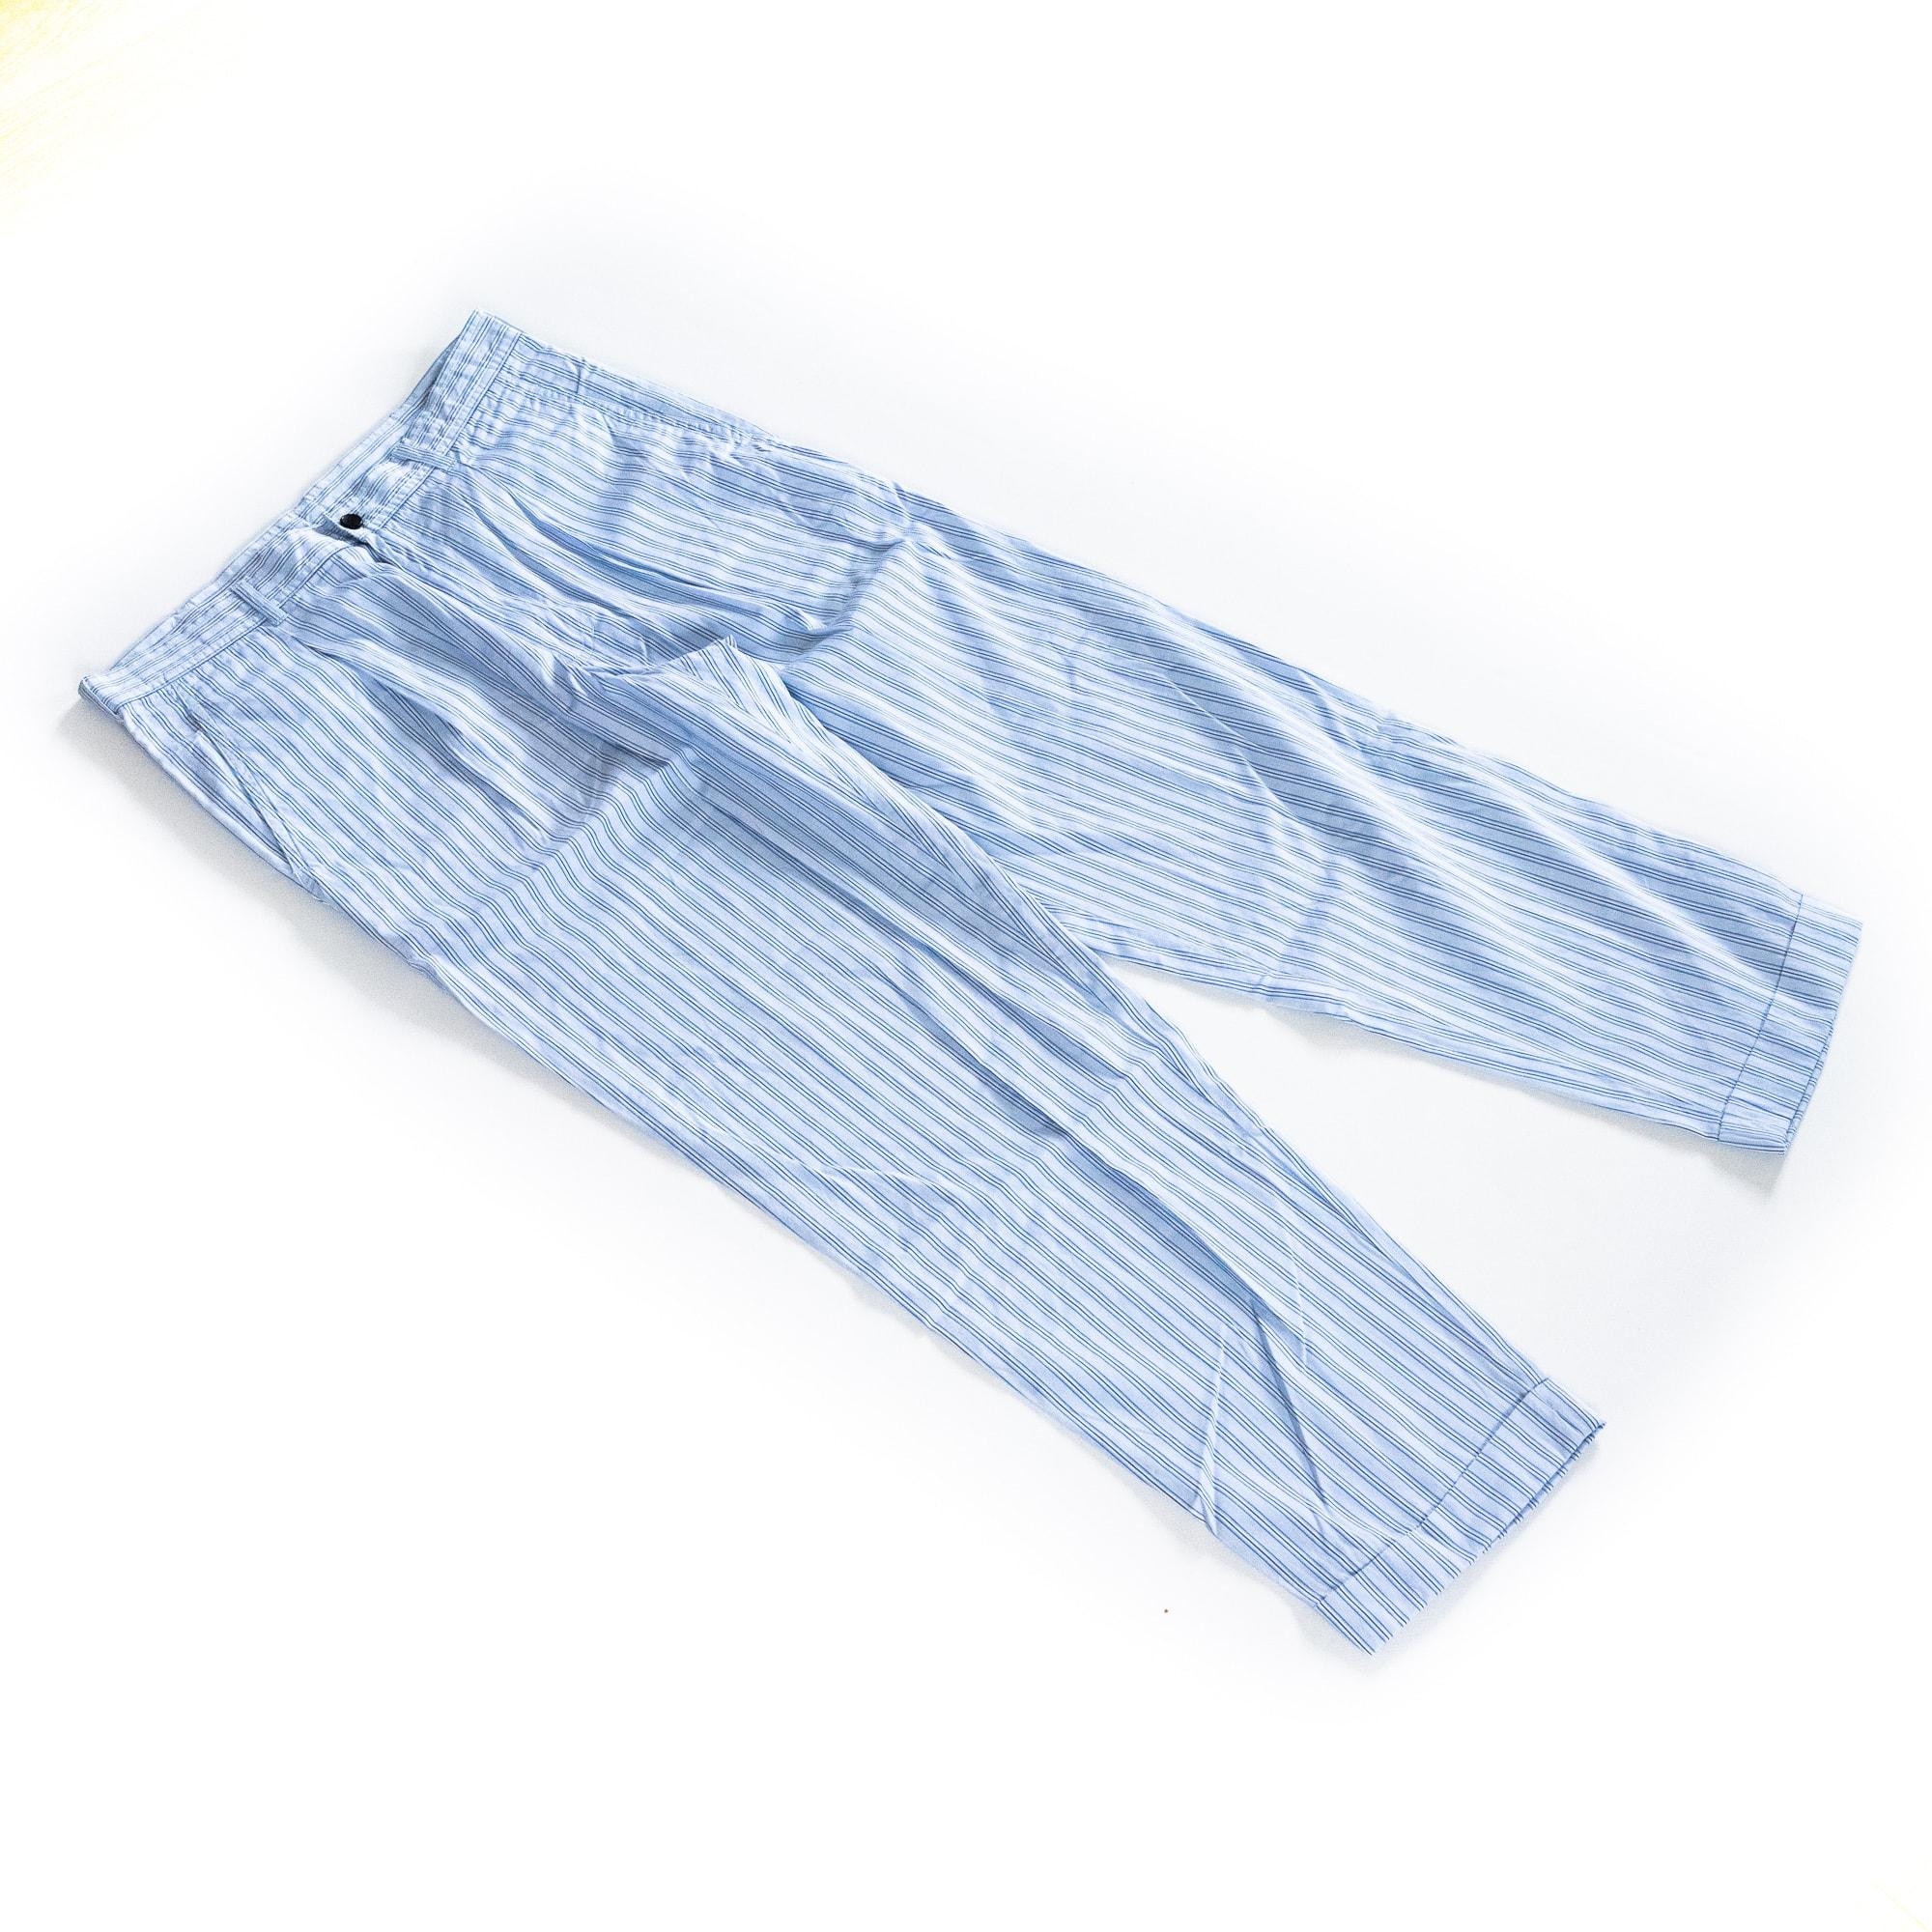 gebraucht kaufen Comme des Garçons Shirt Hose